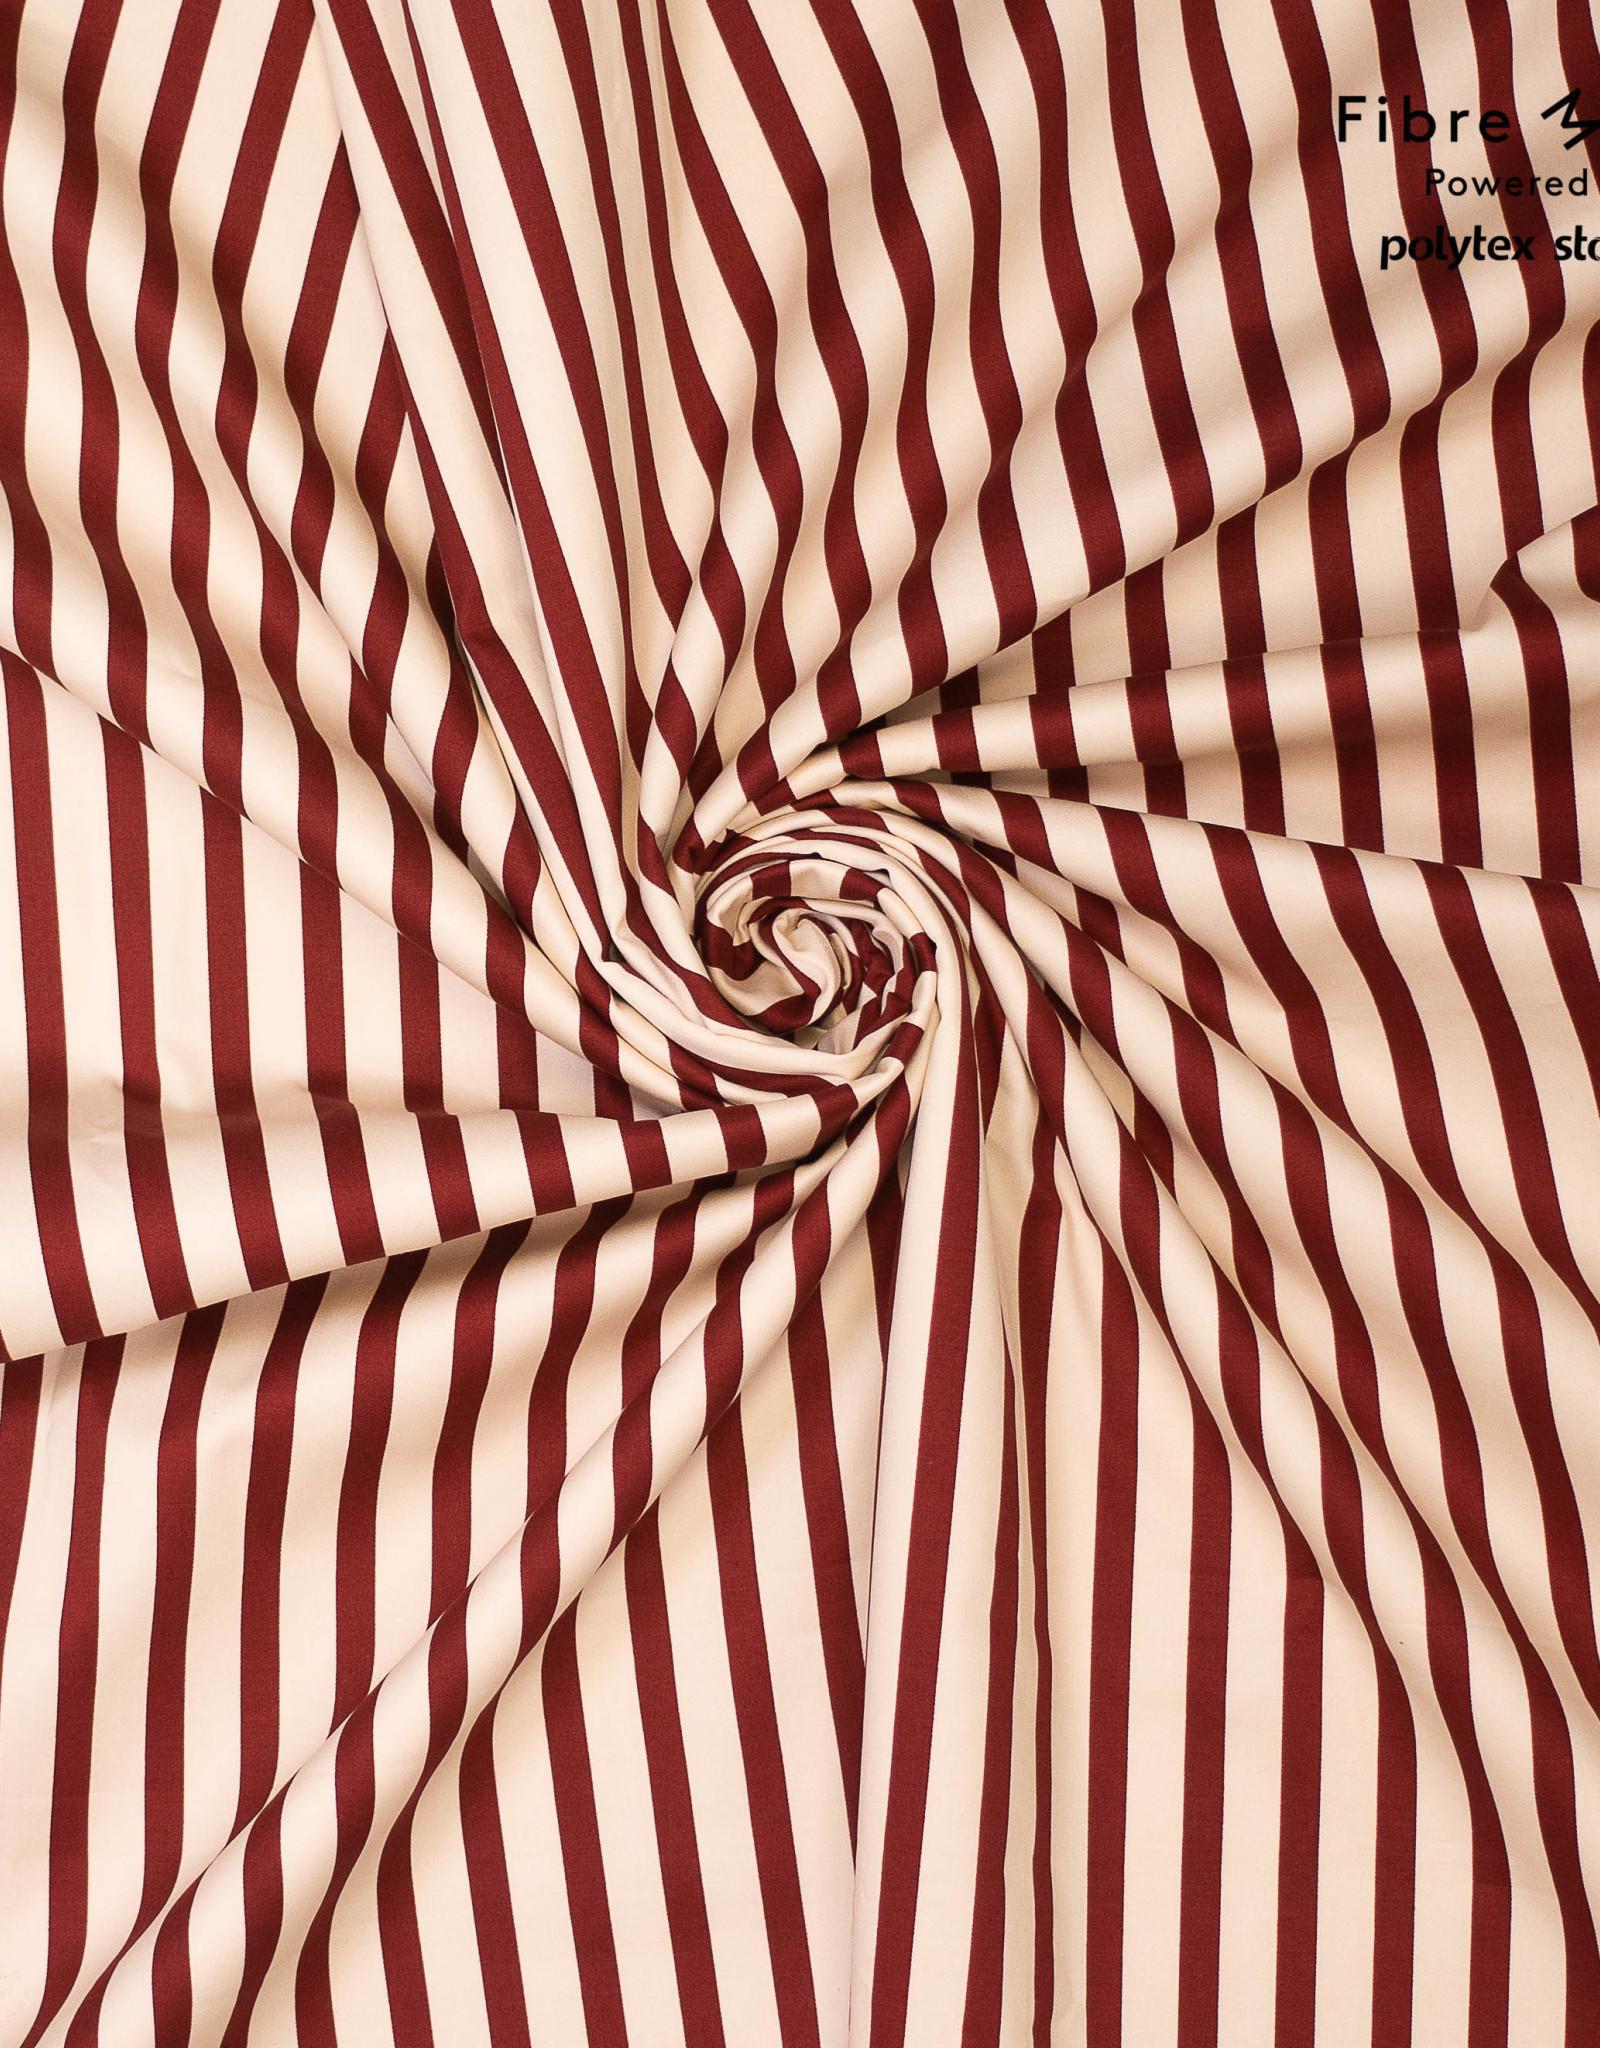 Fibre Mood Fibre Mood ed 14 Woven elastisch red stripes 10 Maya